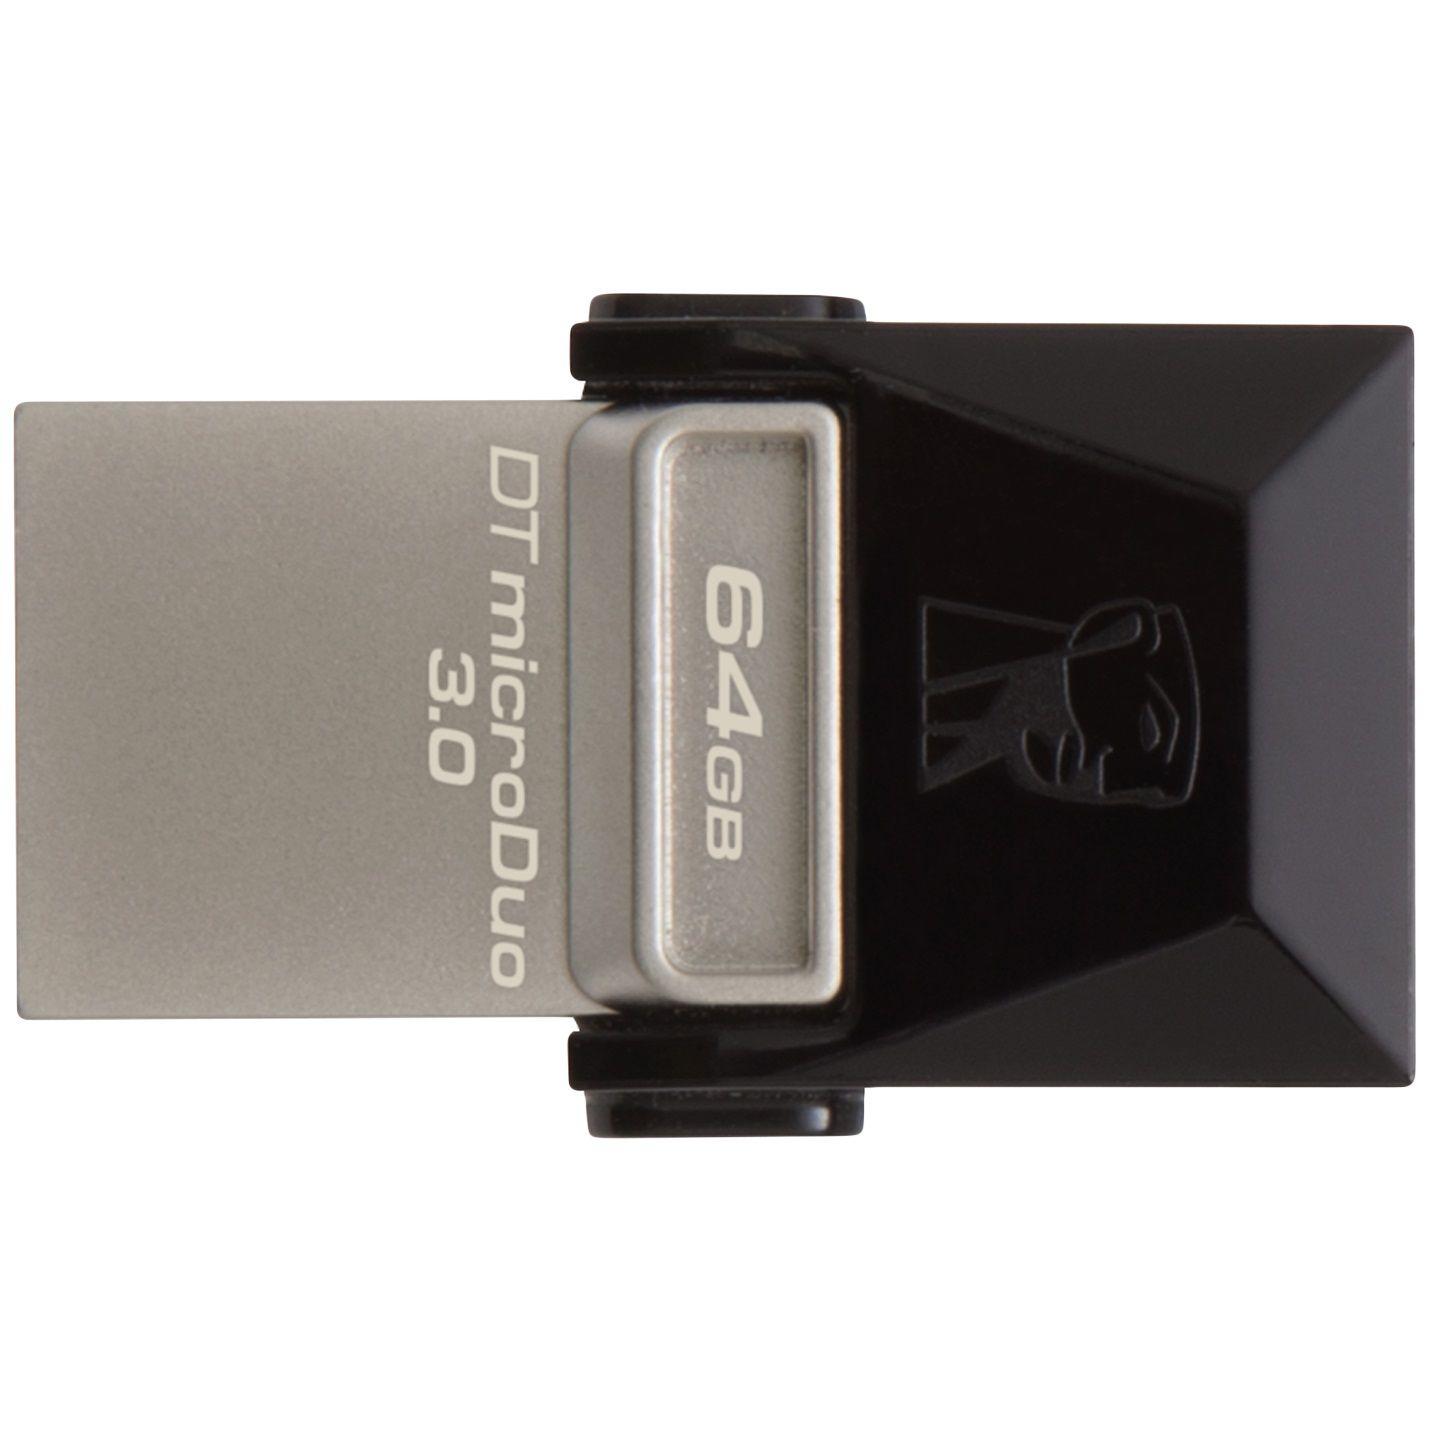 Flash USB Kingston DataTraveler microDuo 64GB USB 3.0